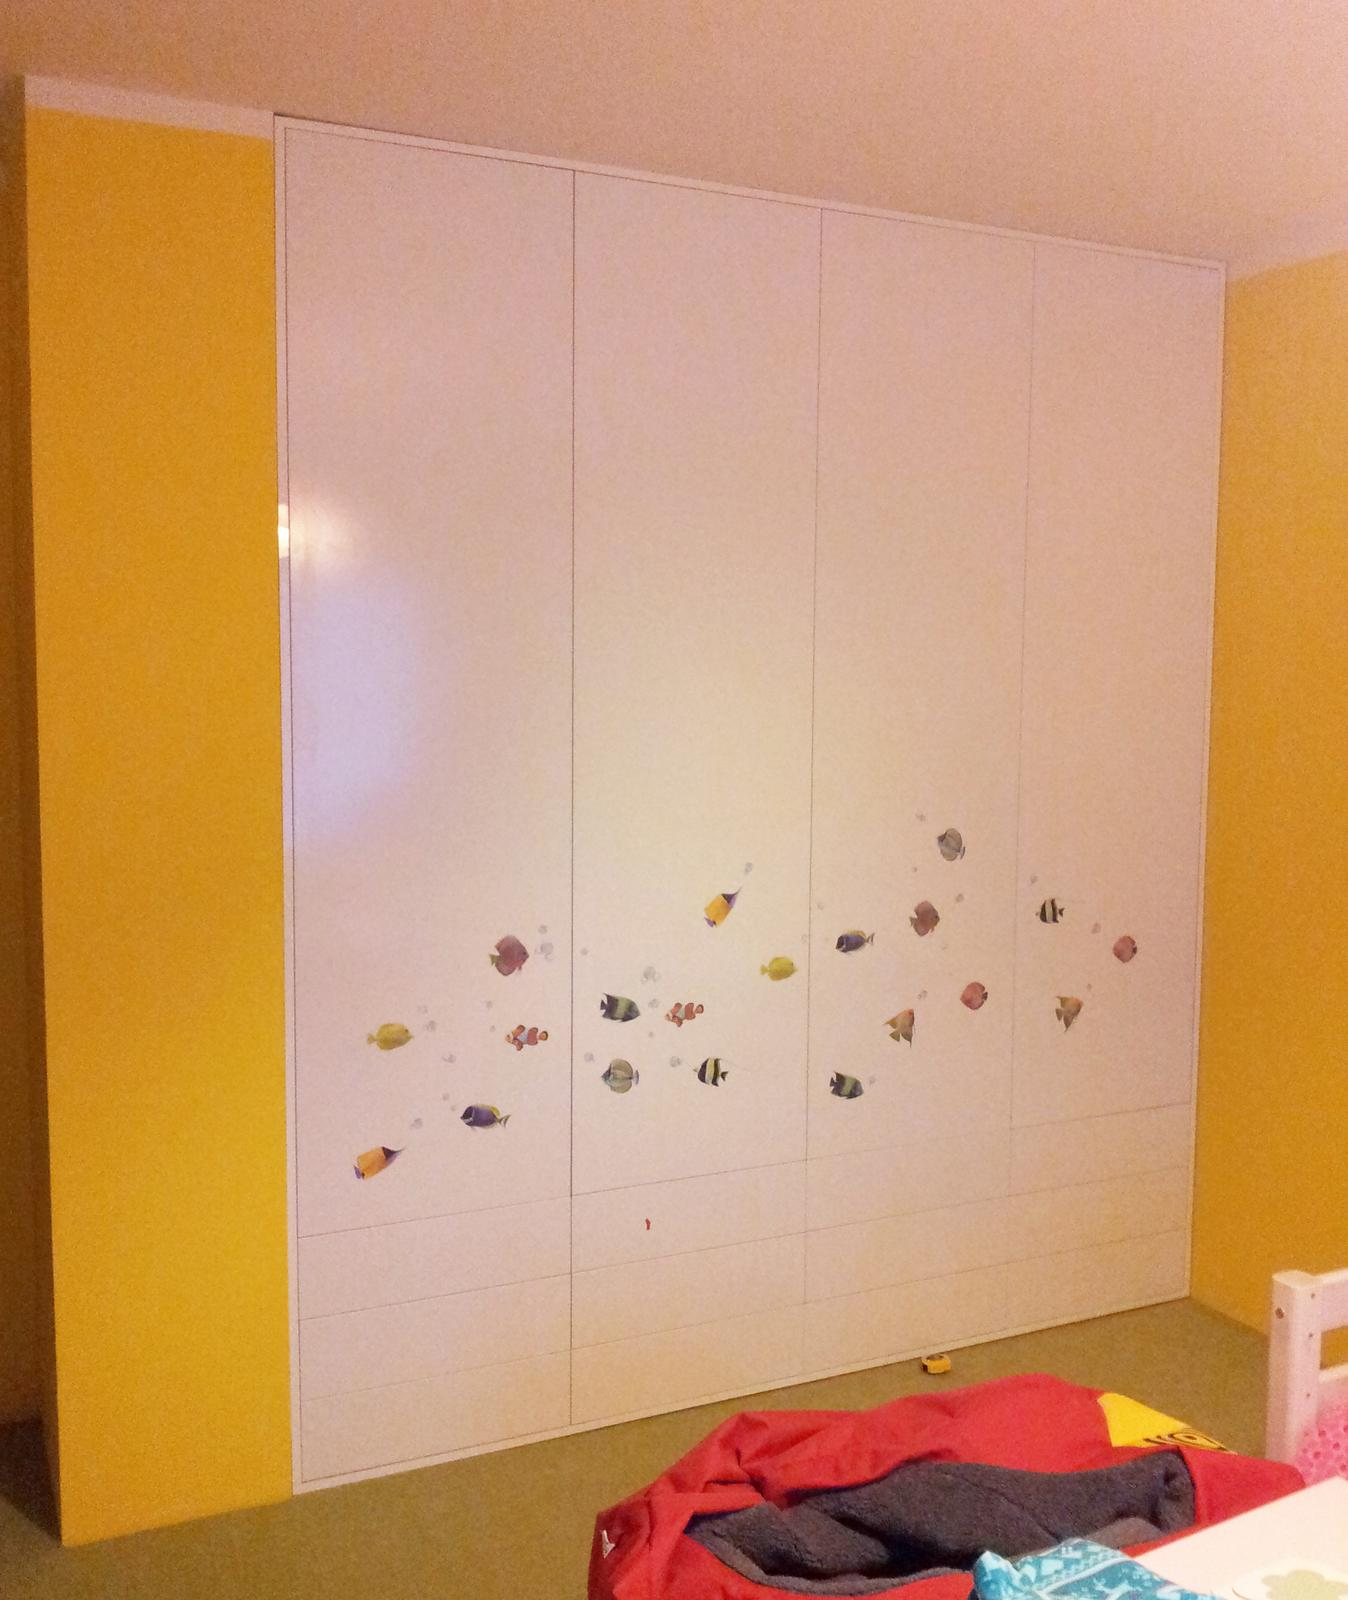 Dizajn a výroba nábytku na mieru Cubica - Vstavaný šatník s krídlovými dverami - dizajn a výroba cubica